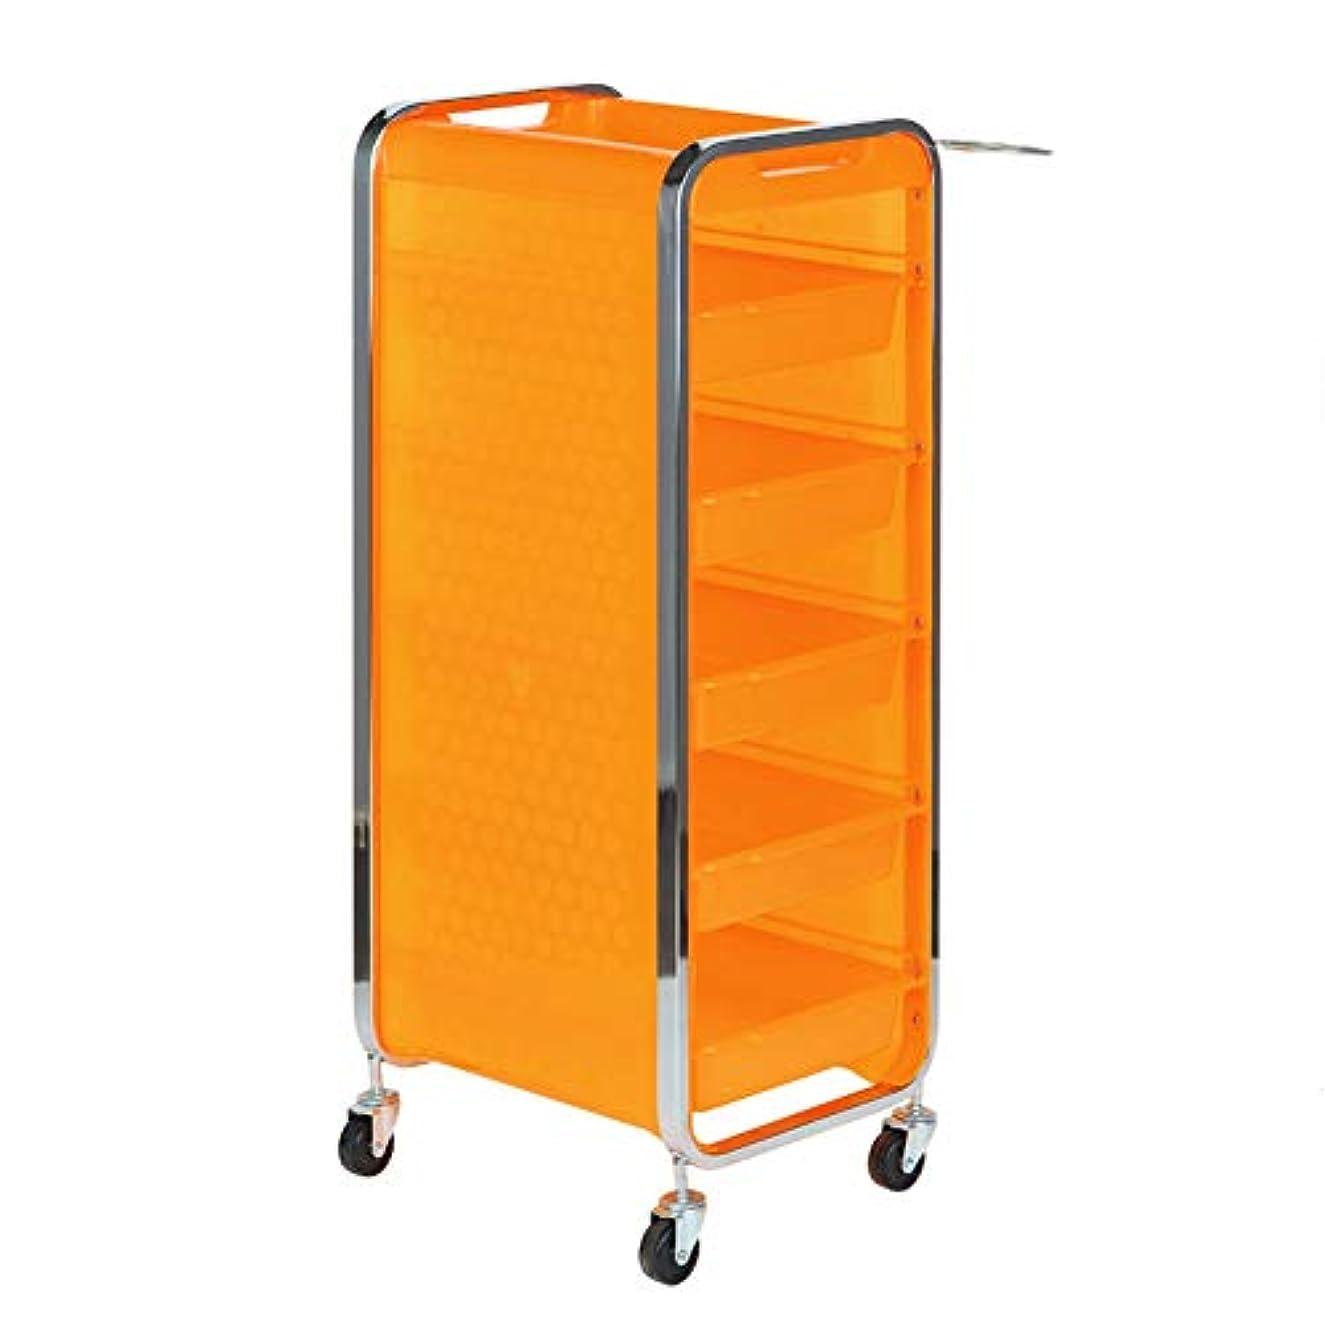 ベット予感タクシーサロン美容院トロリー美容美容収納カート6層トレイ多機能引き出し虹色,Orange,A